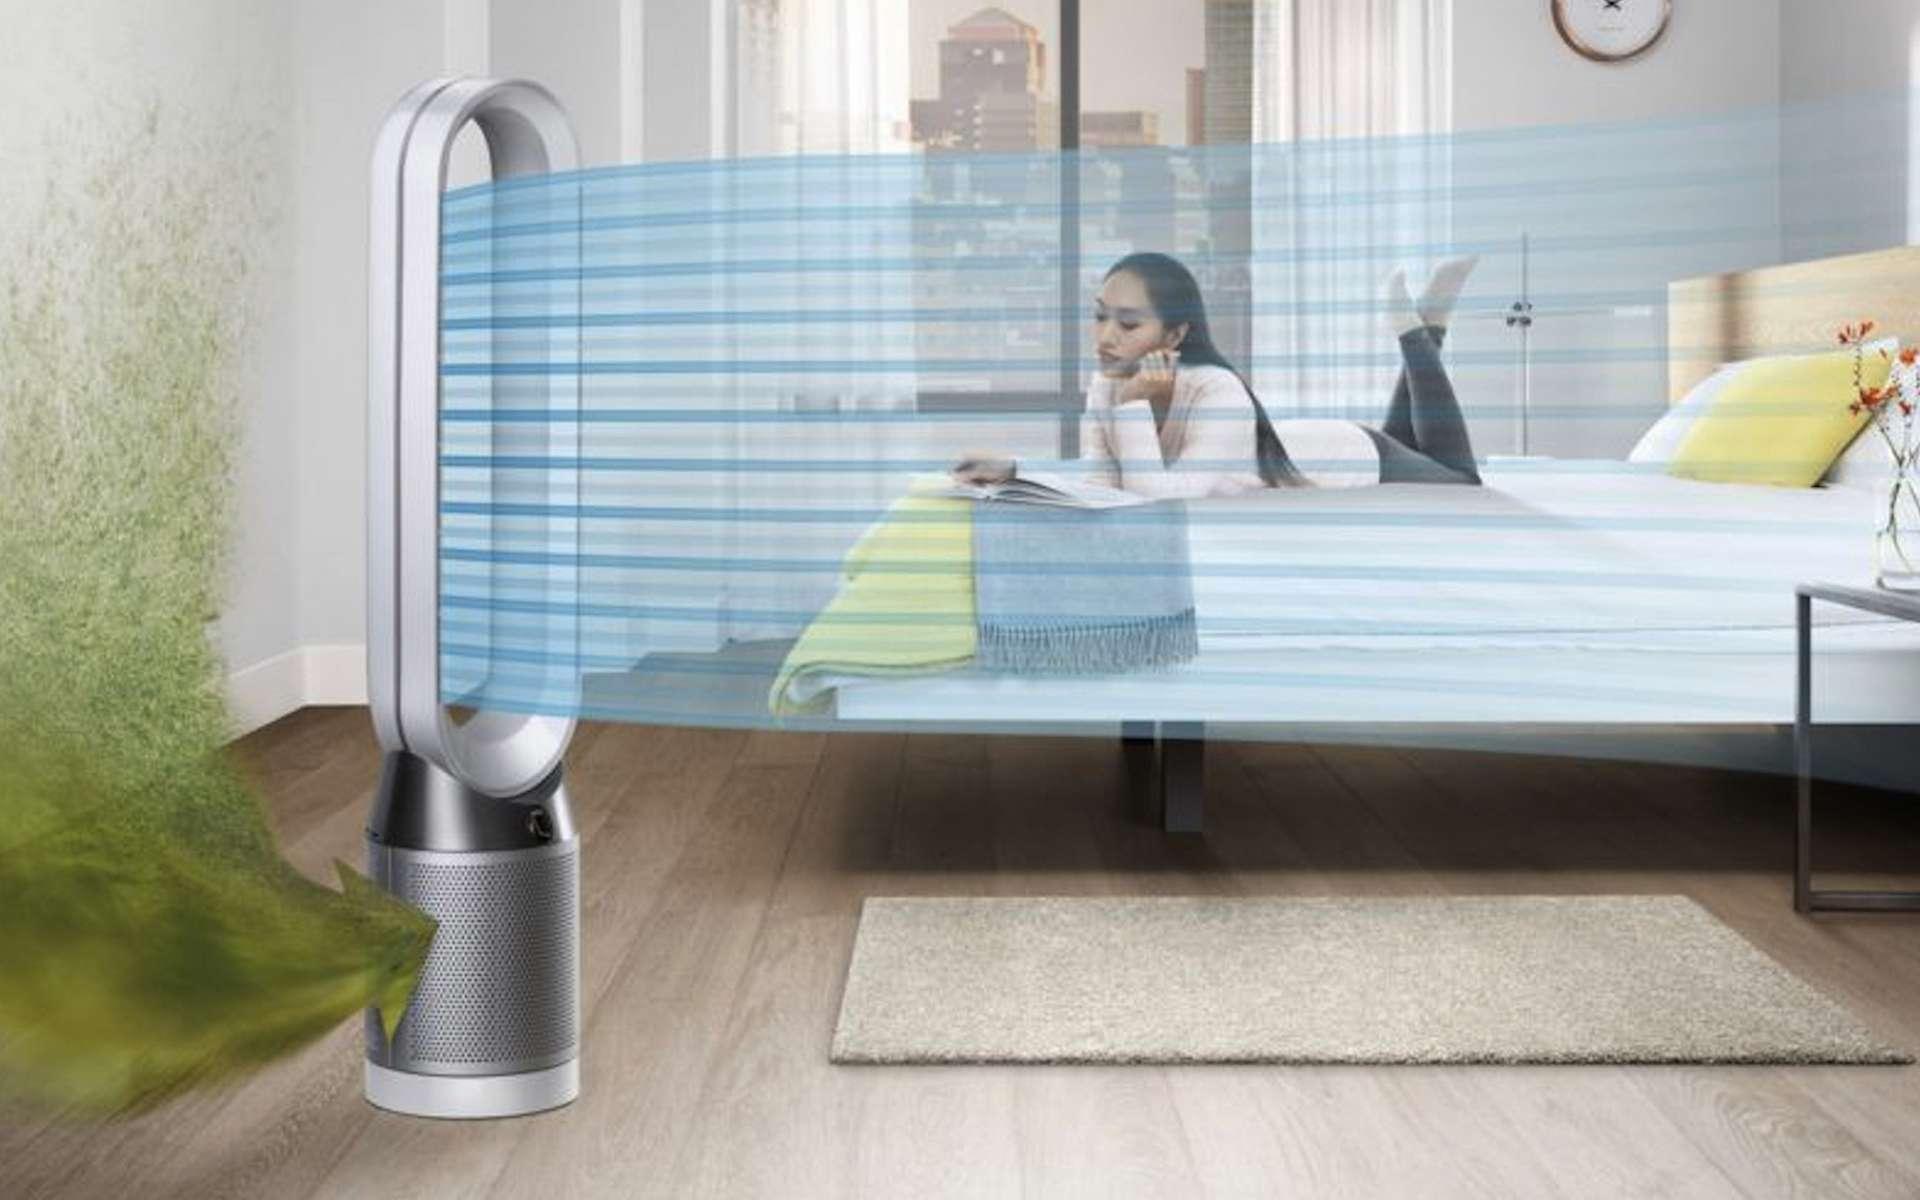 Appareil autonome, le purificateur fonctionne par recyclage de l'air intérieur. © Dyson